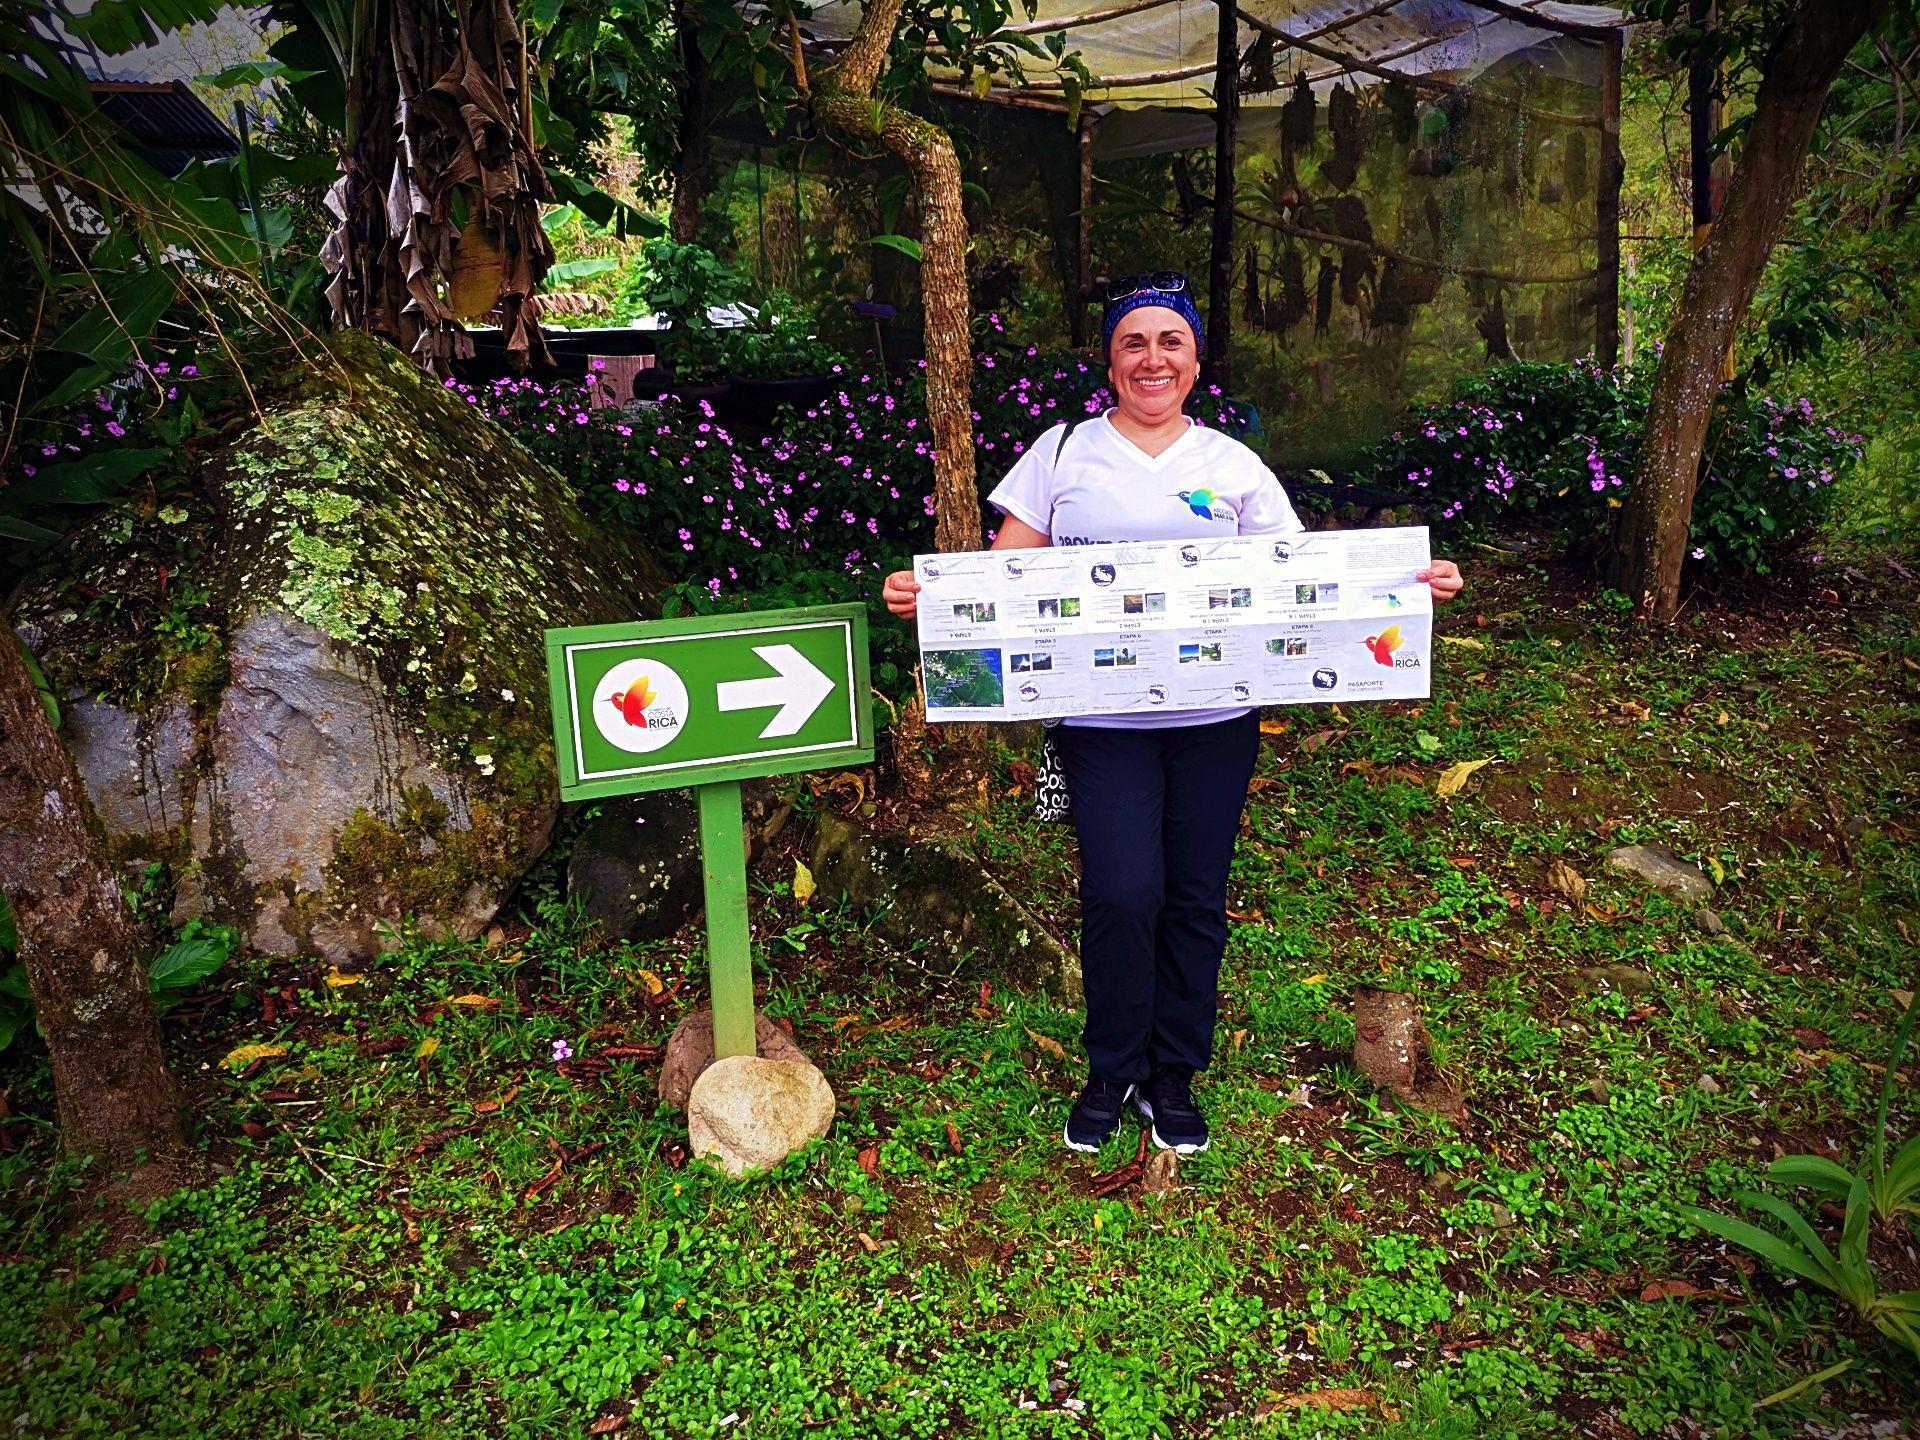 El camino de Costa Rica